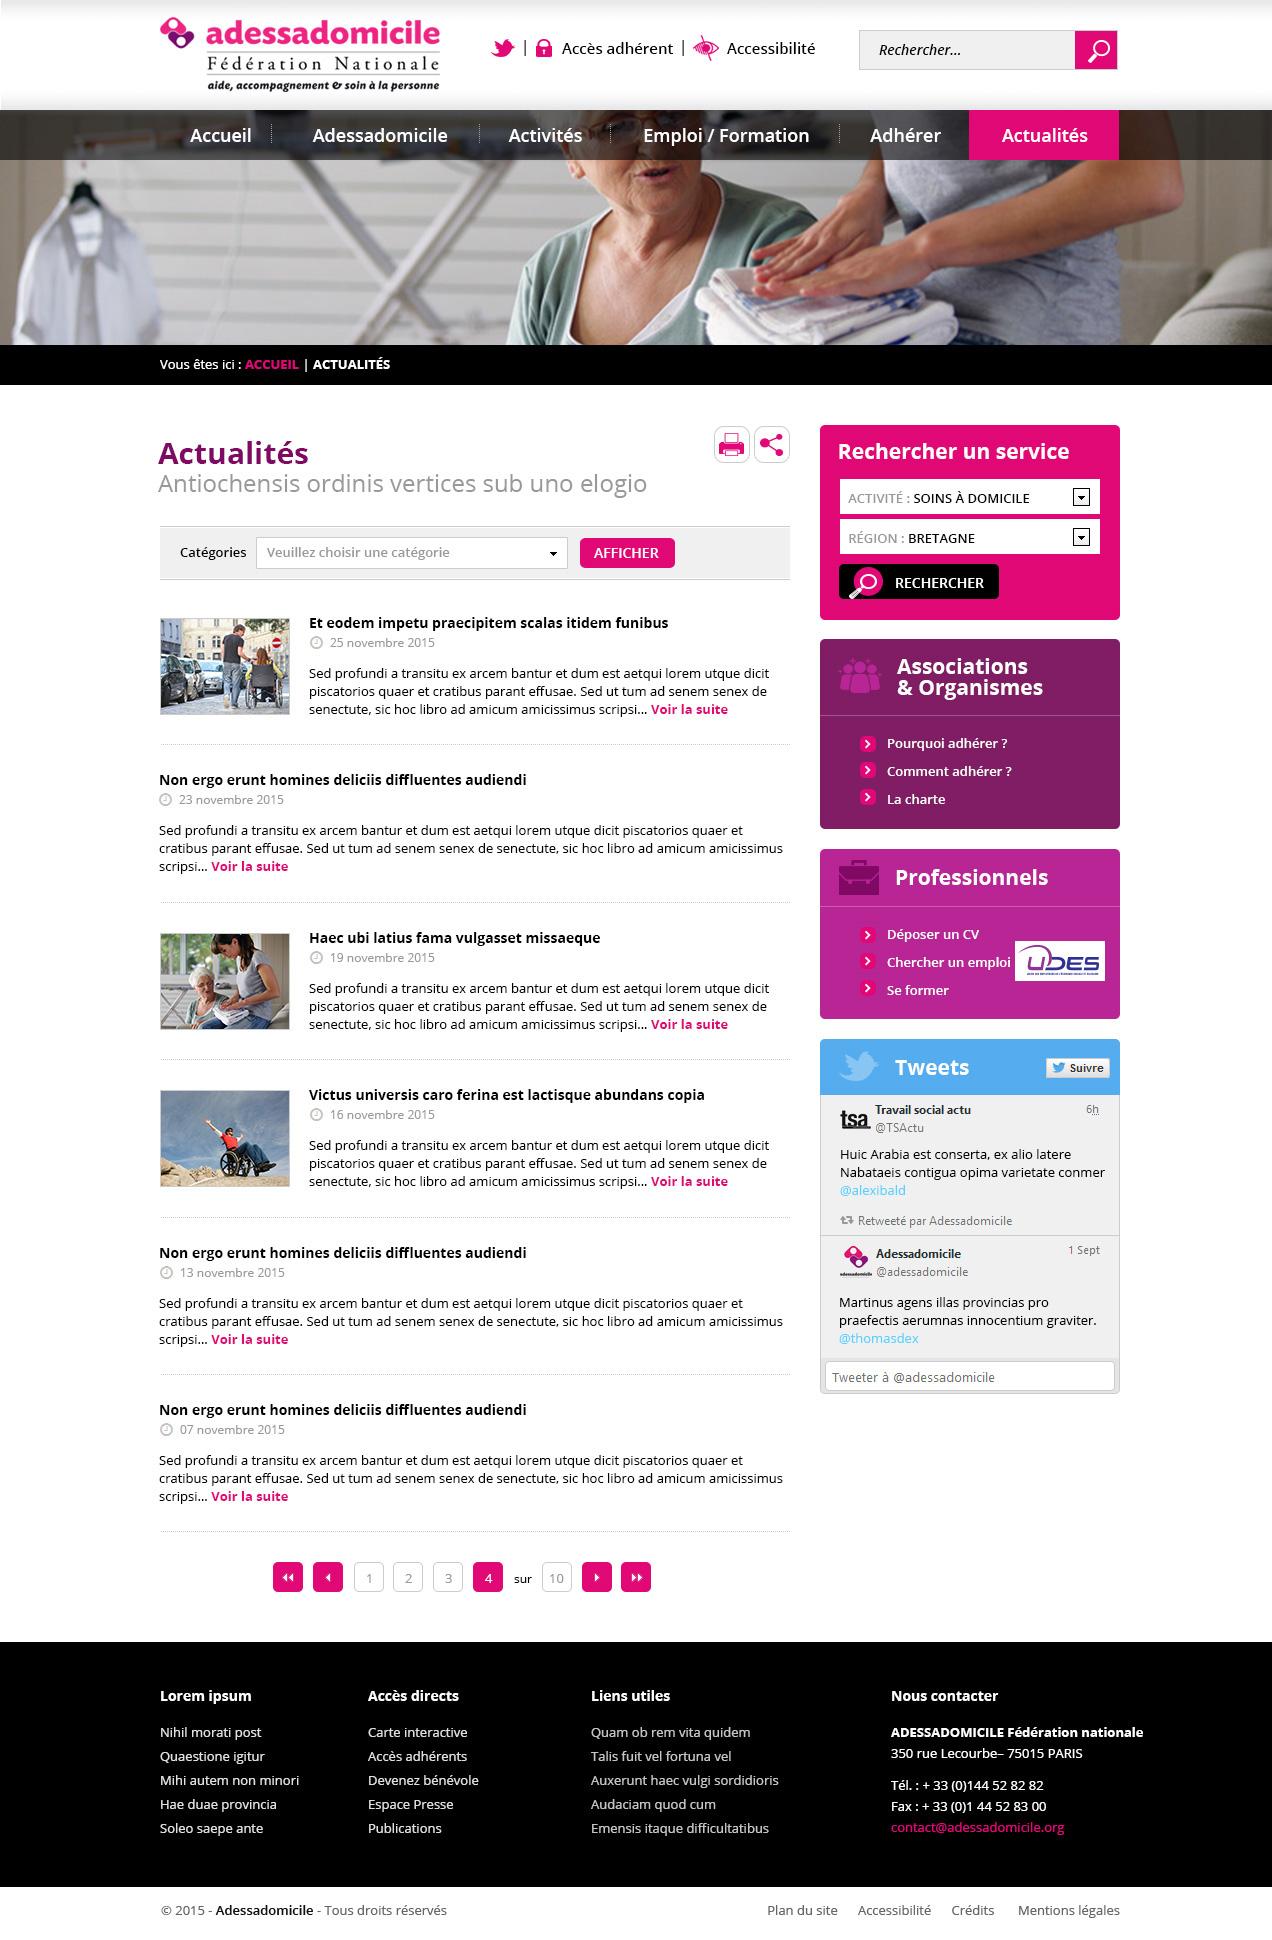 Adessadomicile-Article